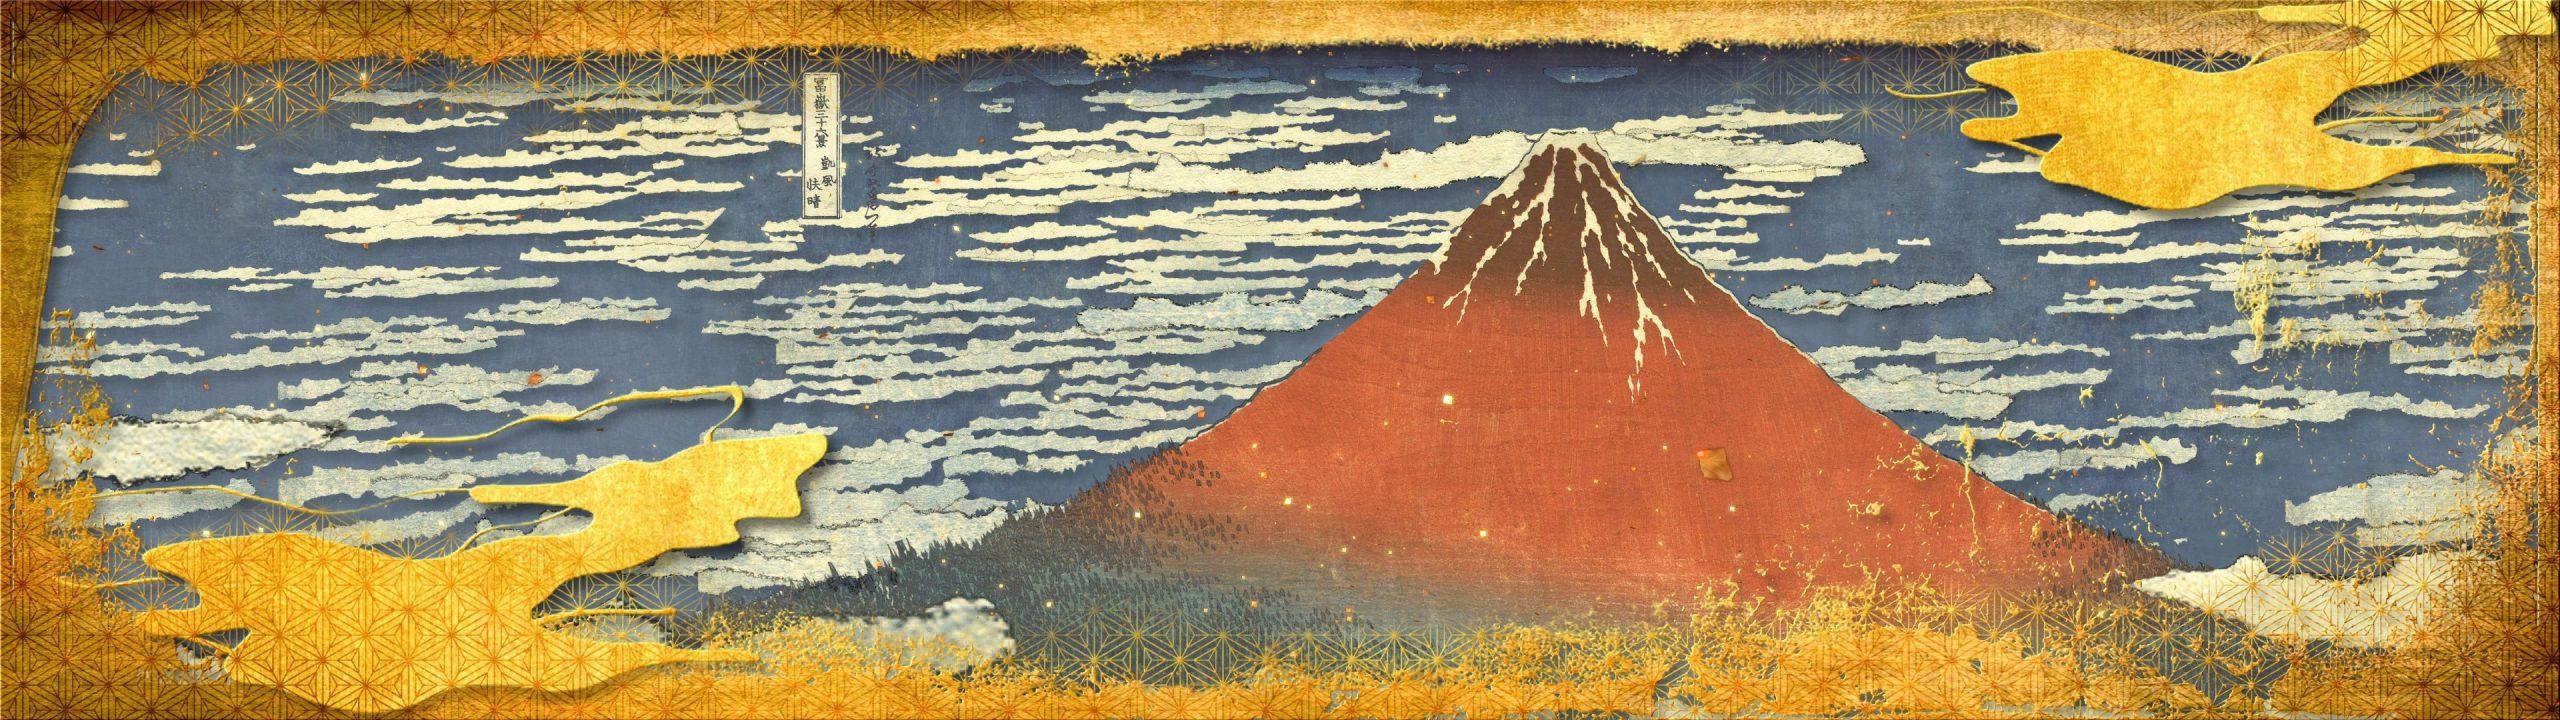 KATSUSHIKA Hokusai's ukiyo-e piece Thirty-six Views of Mount Fuji